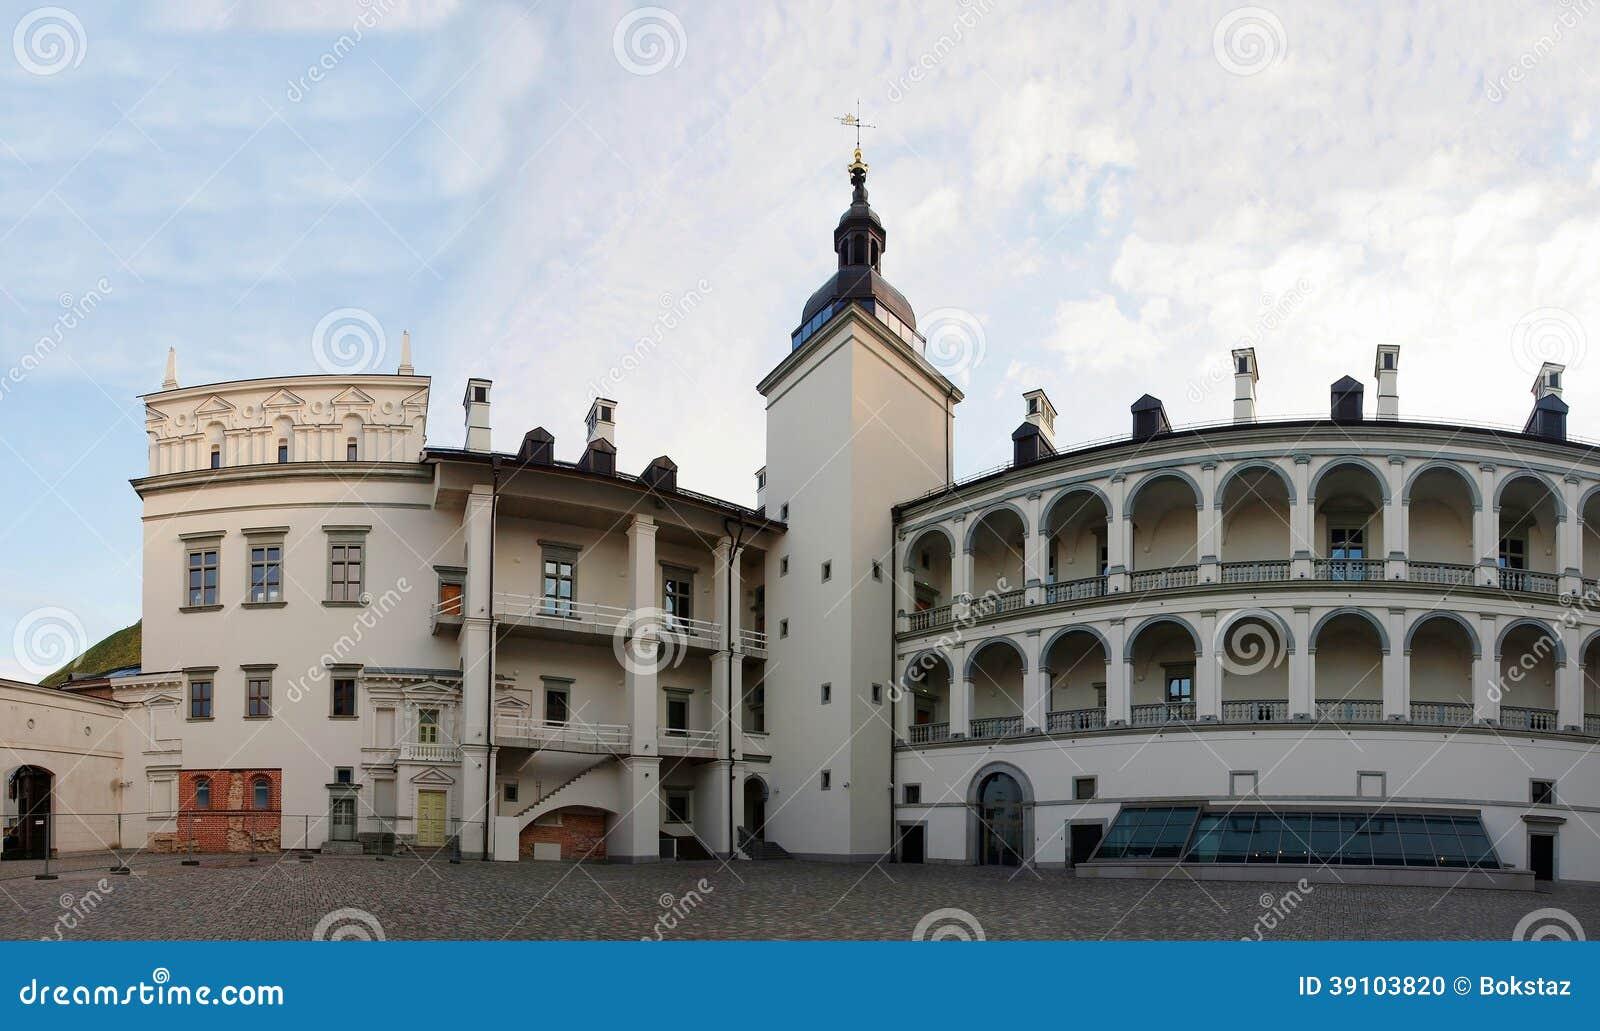 Paleis van de Grote Hertogen van Litouwen